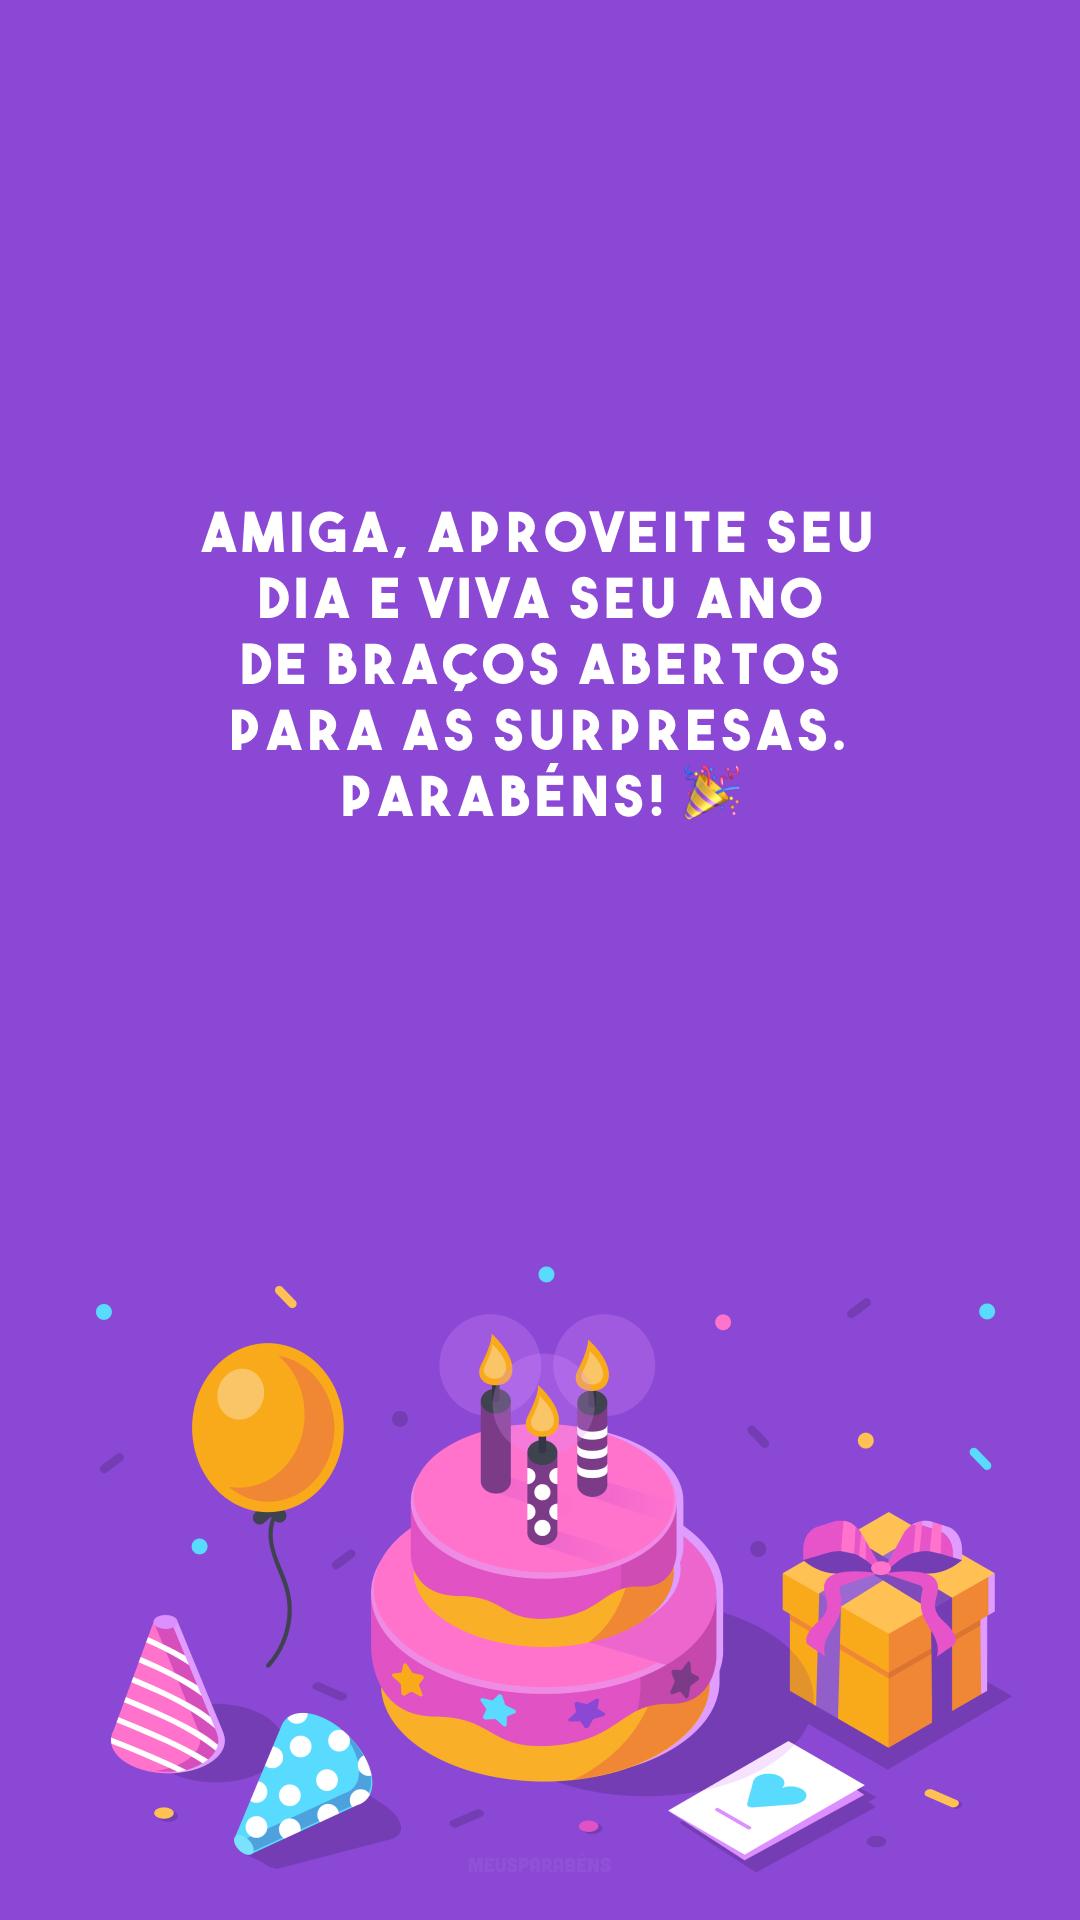 Amiga, aproveite seu dia e viva seu ano de braços abertos para as surpresas. Parabéns! 🎉